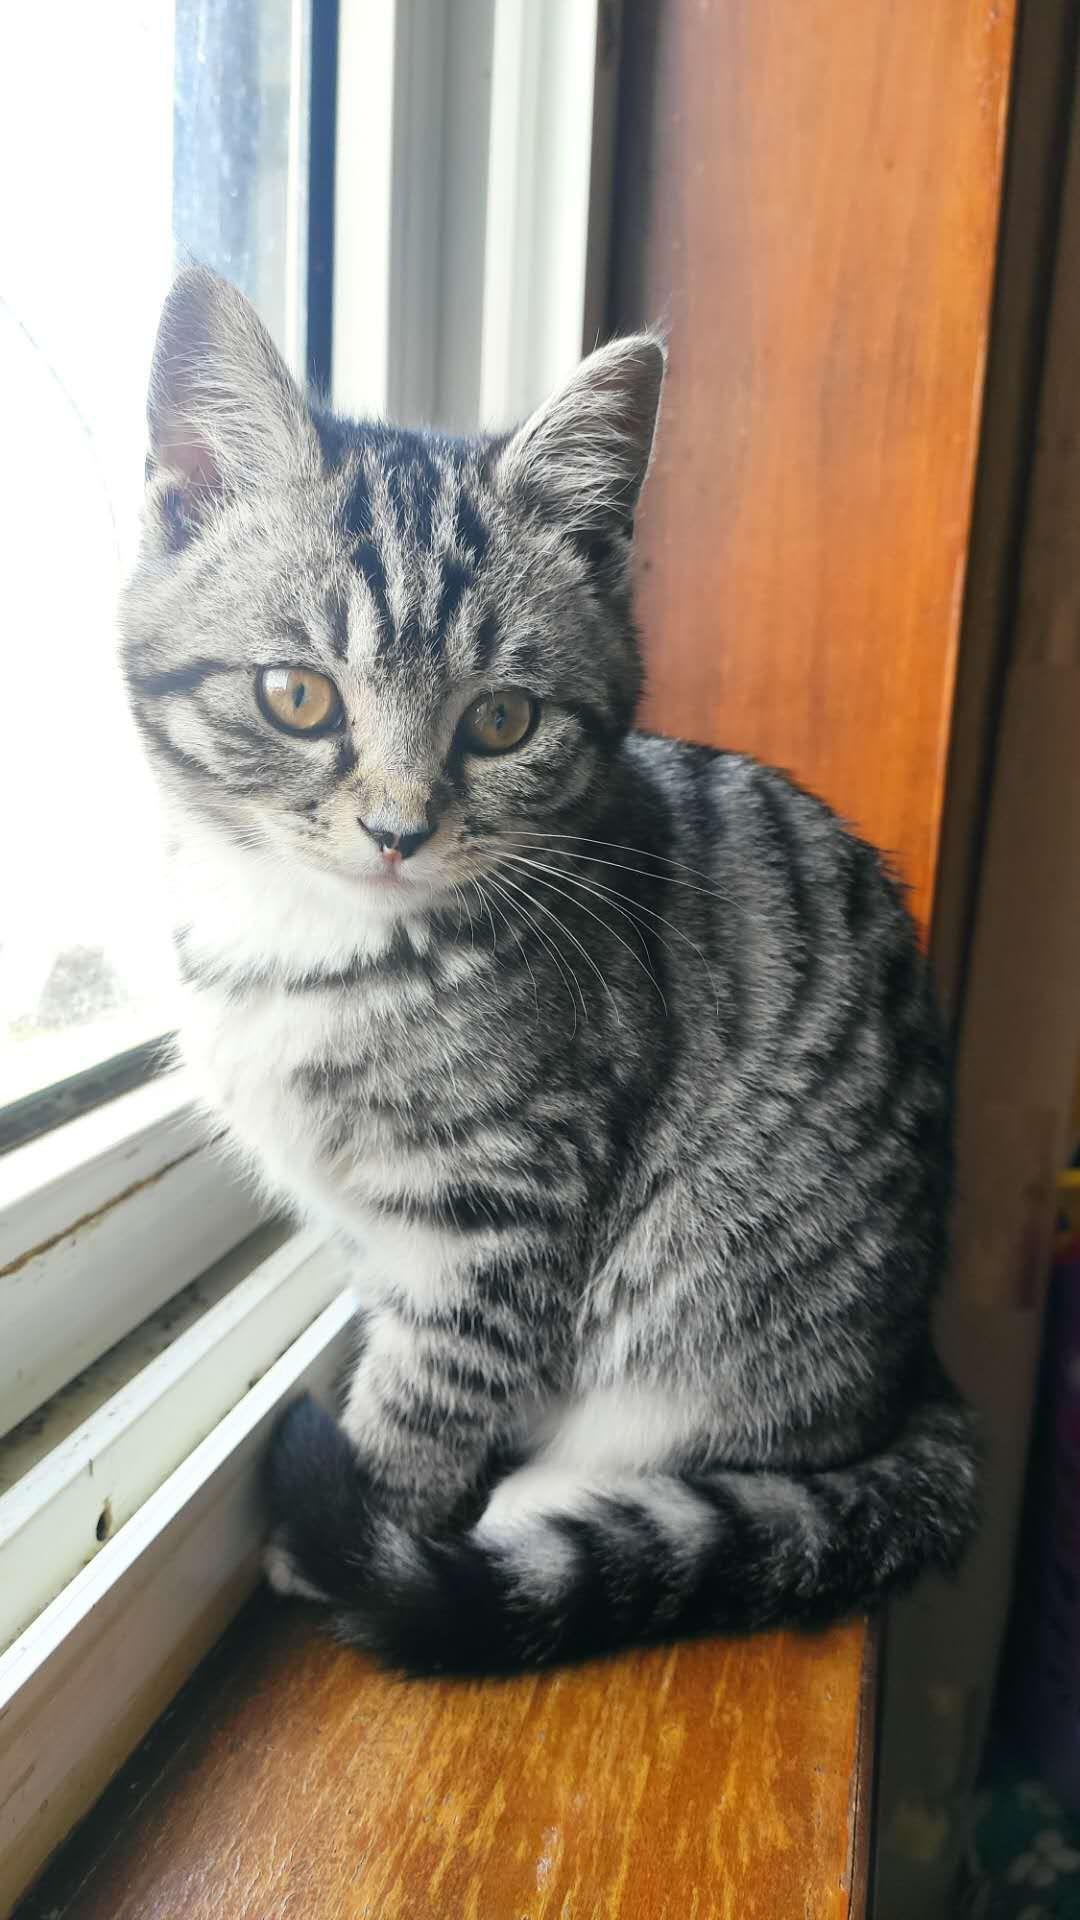 孩子猫咪过敏,希望找个有爱心的新主人